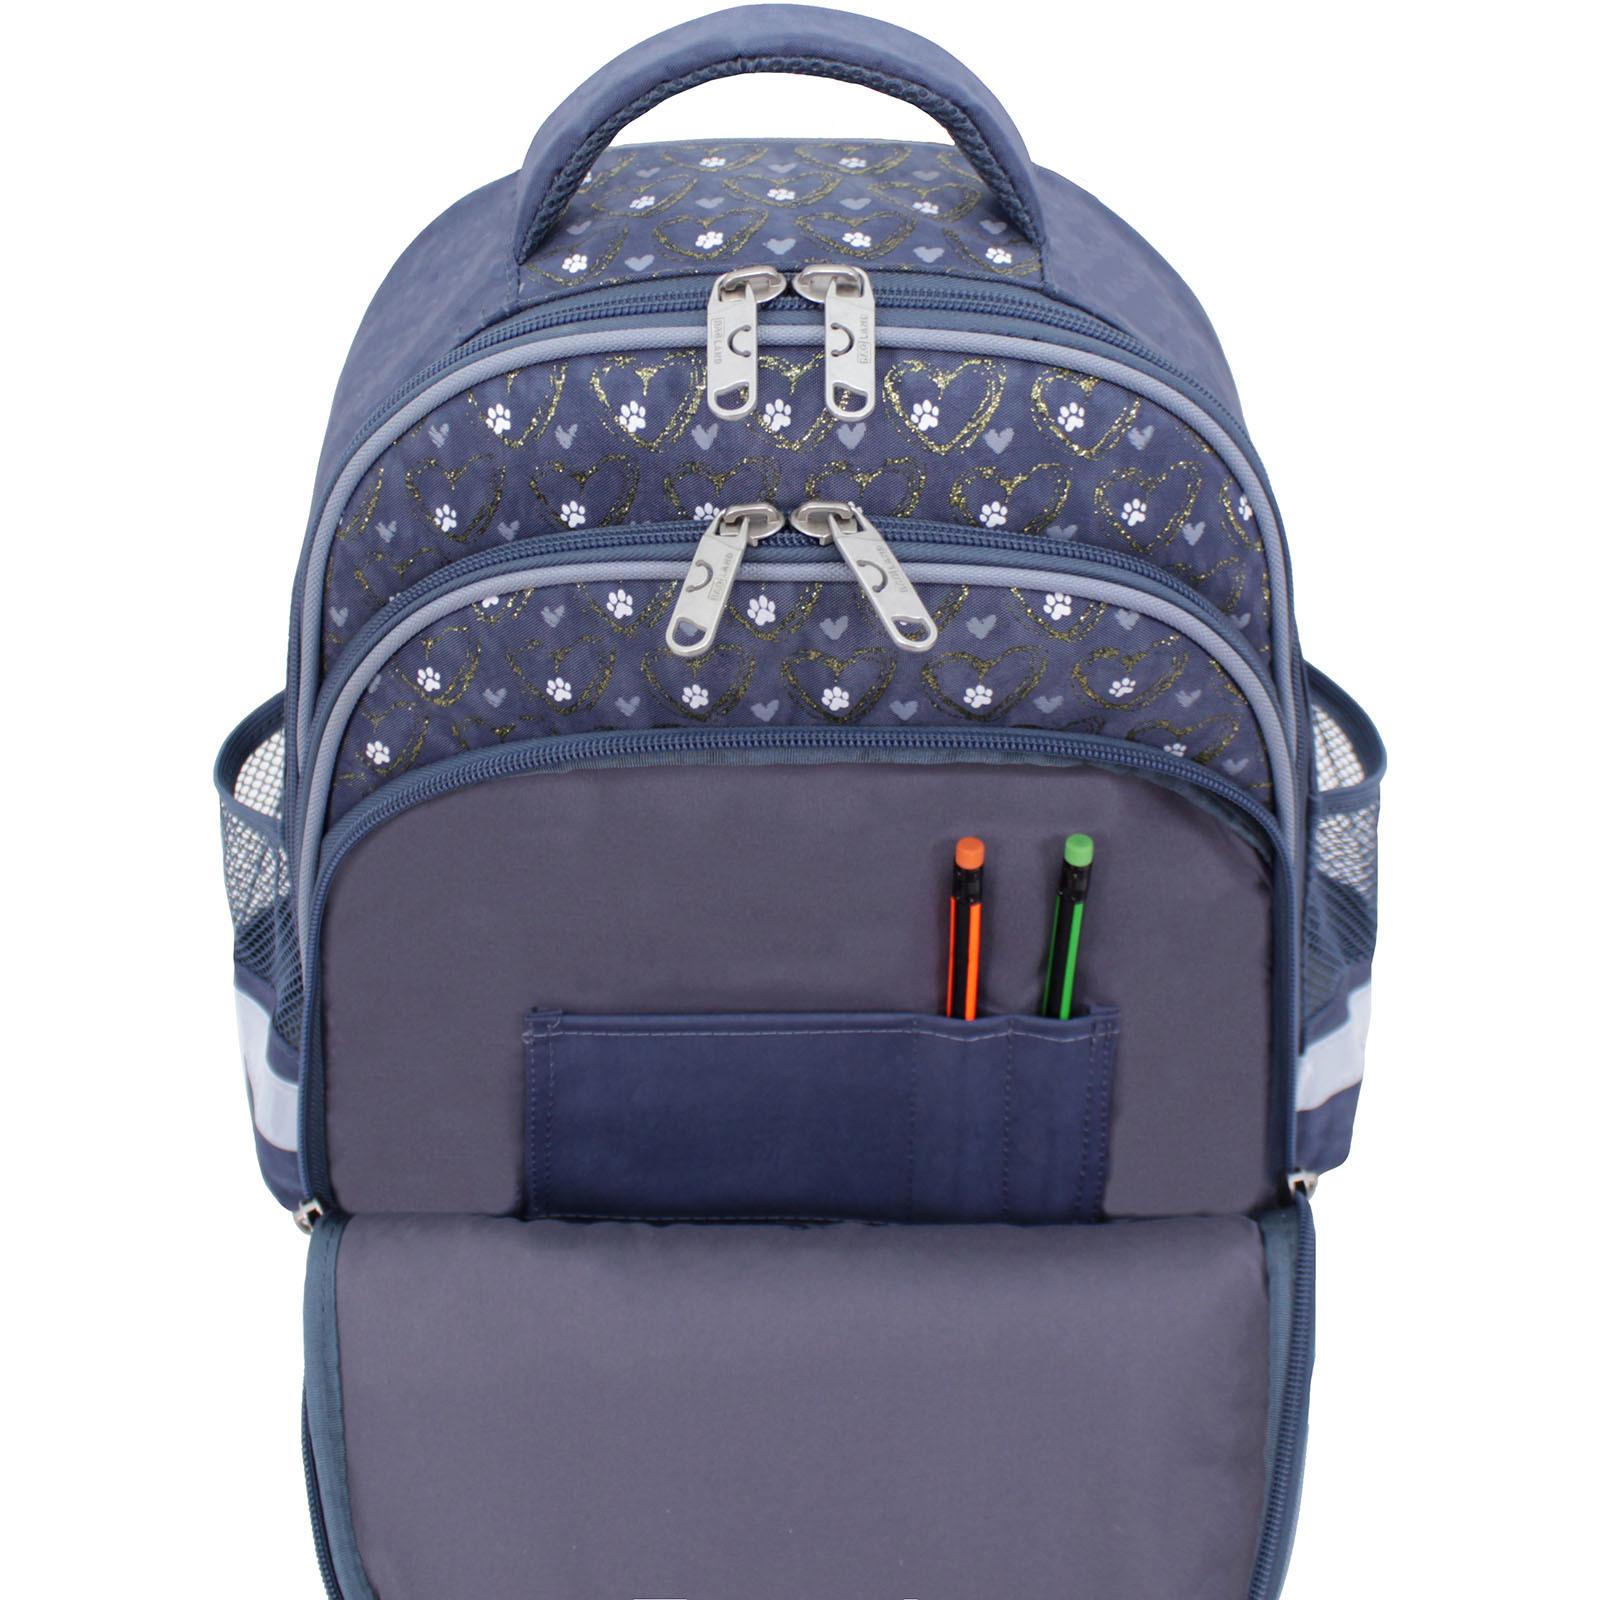 Рюкзак школьный Bagland Mouse 321 серый 165 (0051370) фото 5